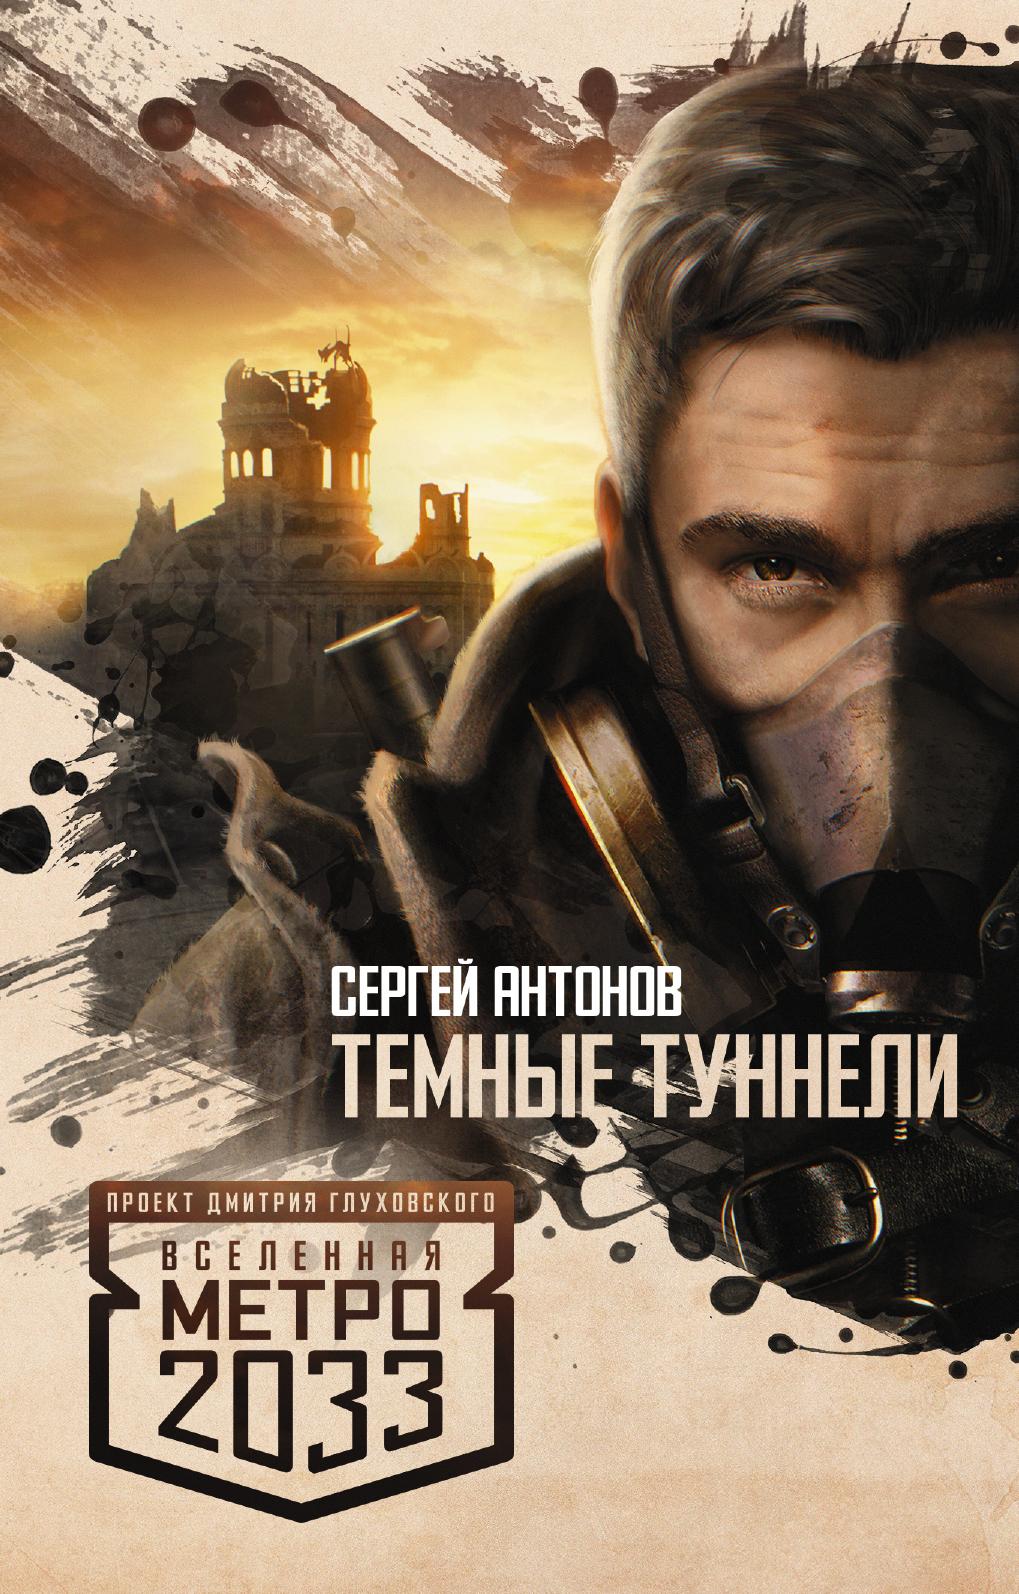 Антонов С.В. Метро 2033: Темные туннели сергей семенов метро 2033 о чем молчат выжившие сборник